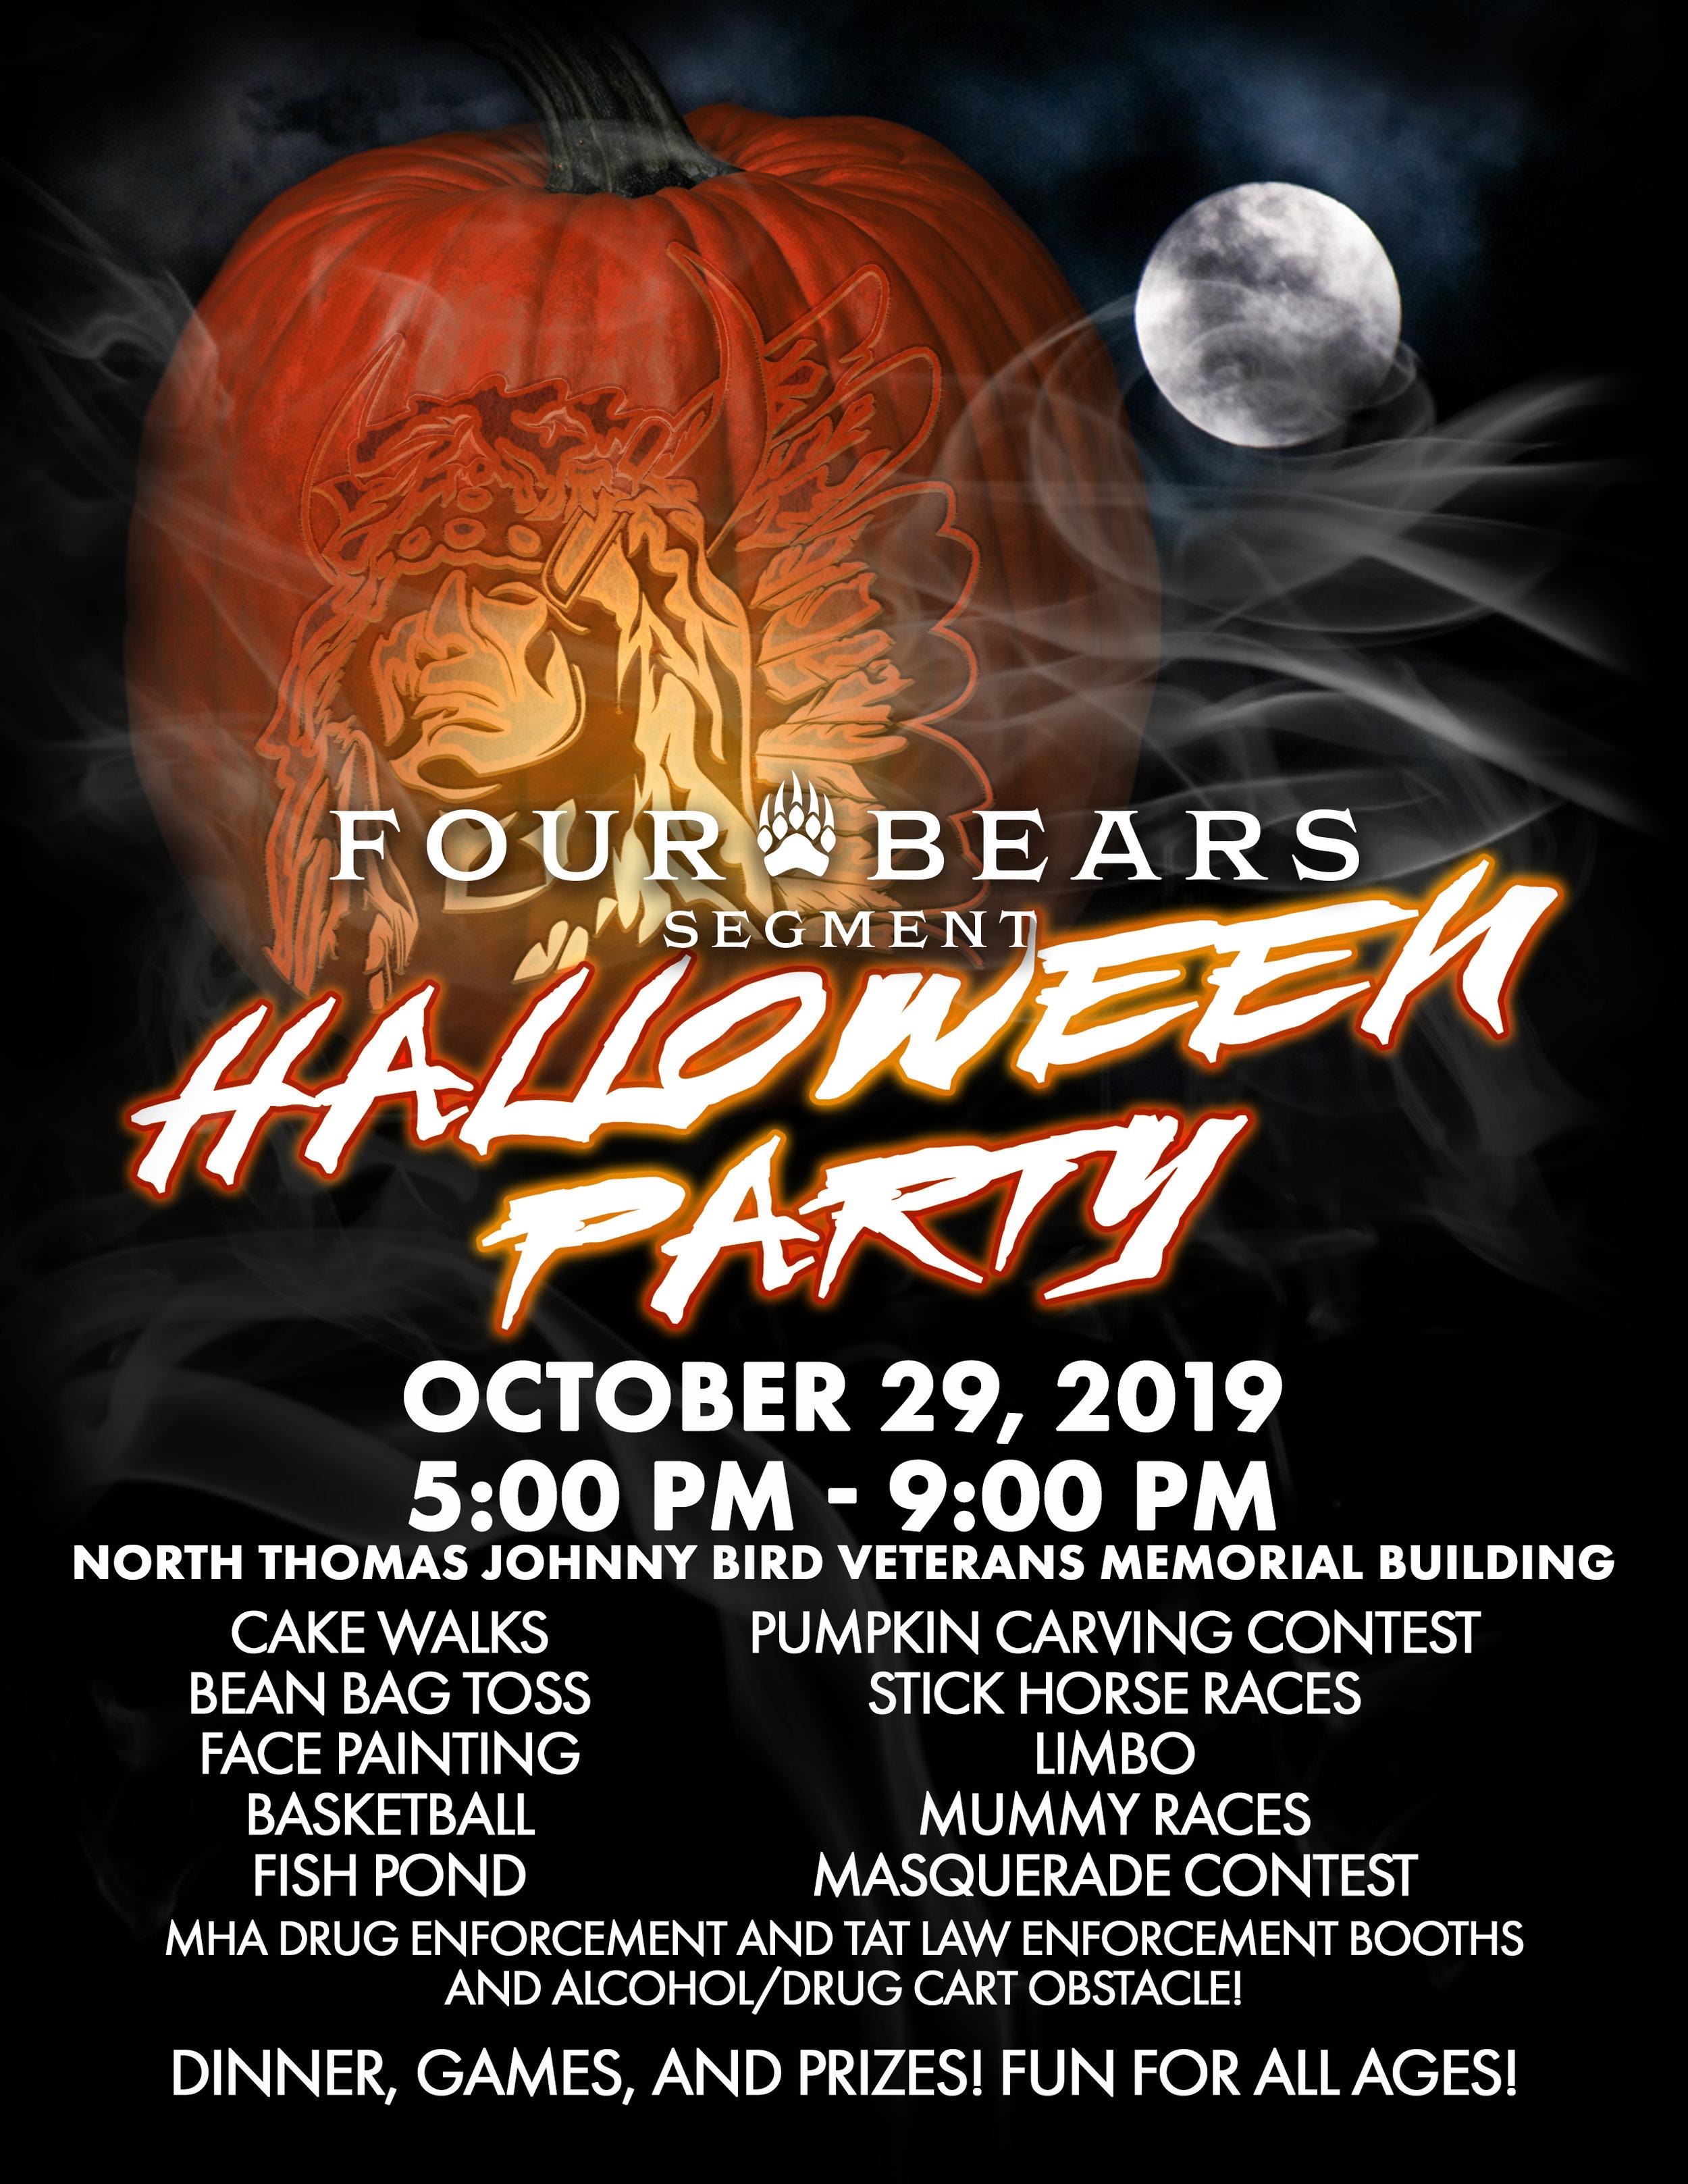 Four Bears Halloween Party.jpg